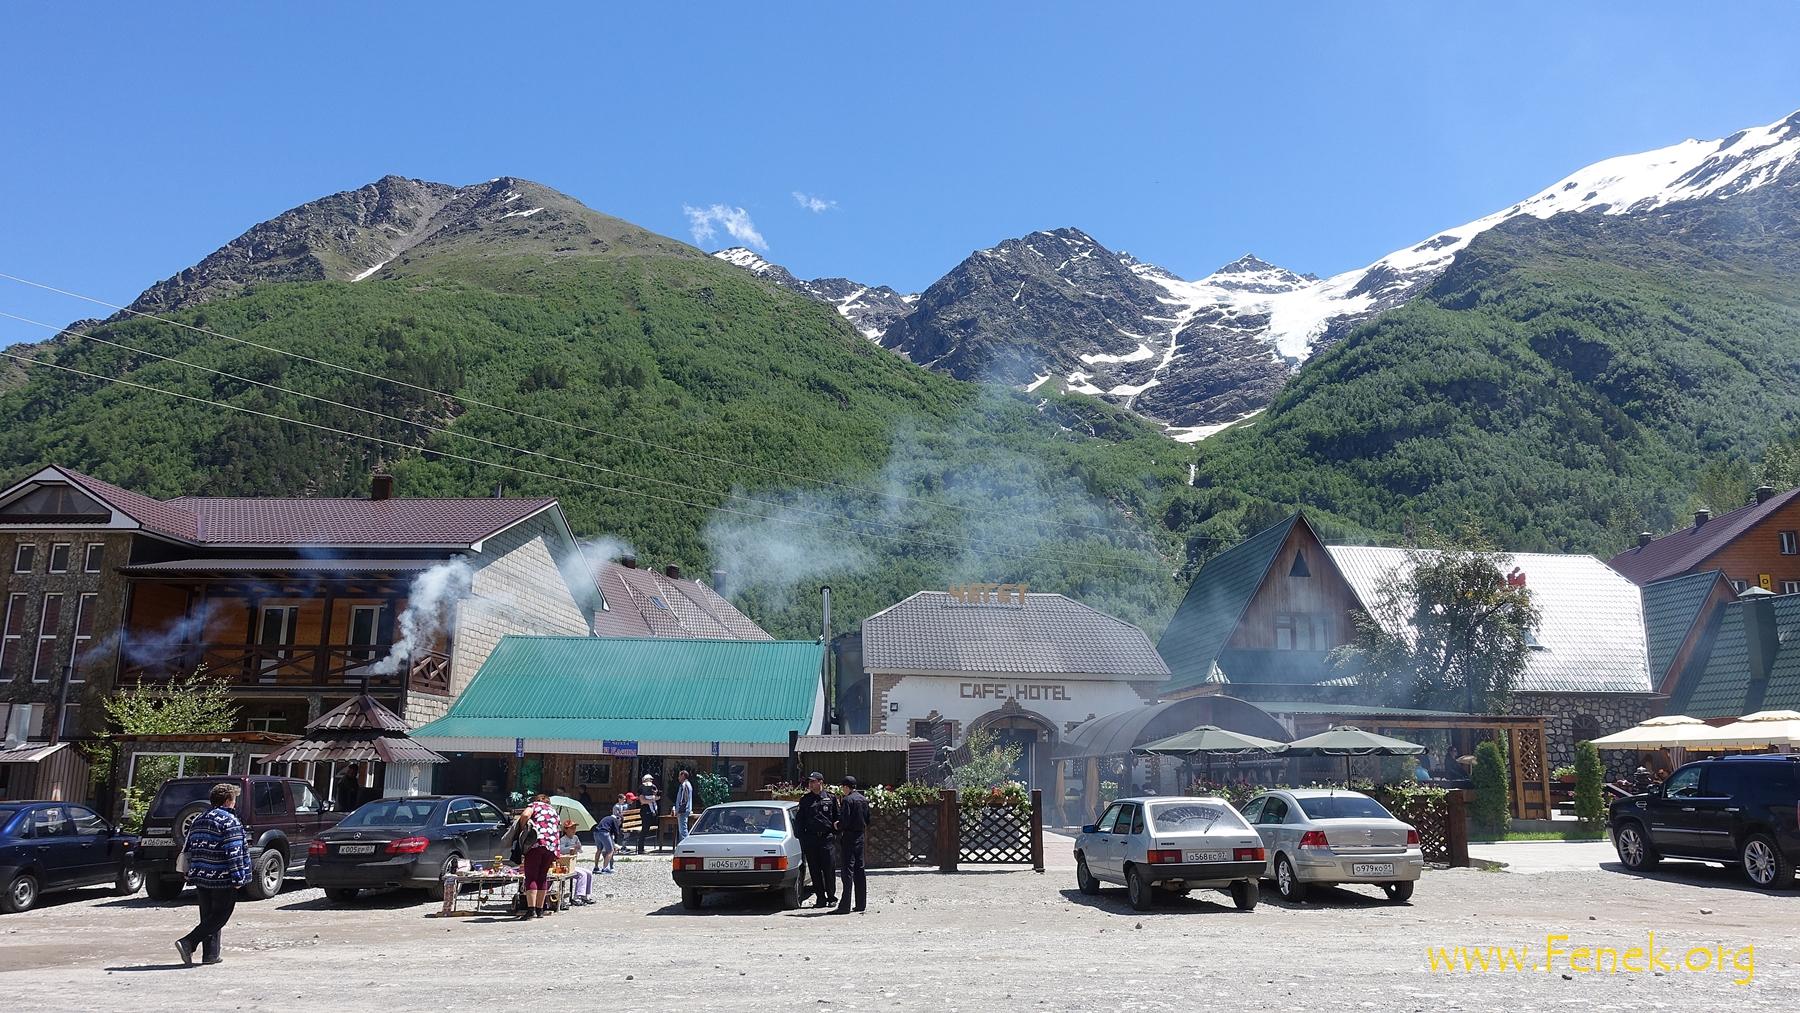 in Cheget - Ausgangspunkt für Elbrus und andere Bergbesteigungen